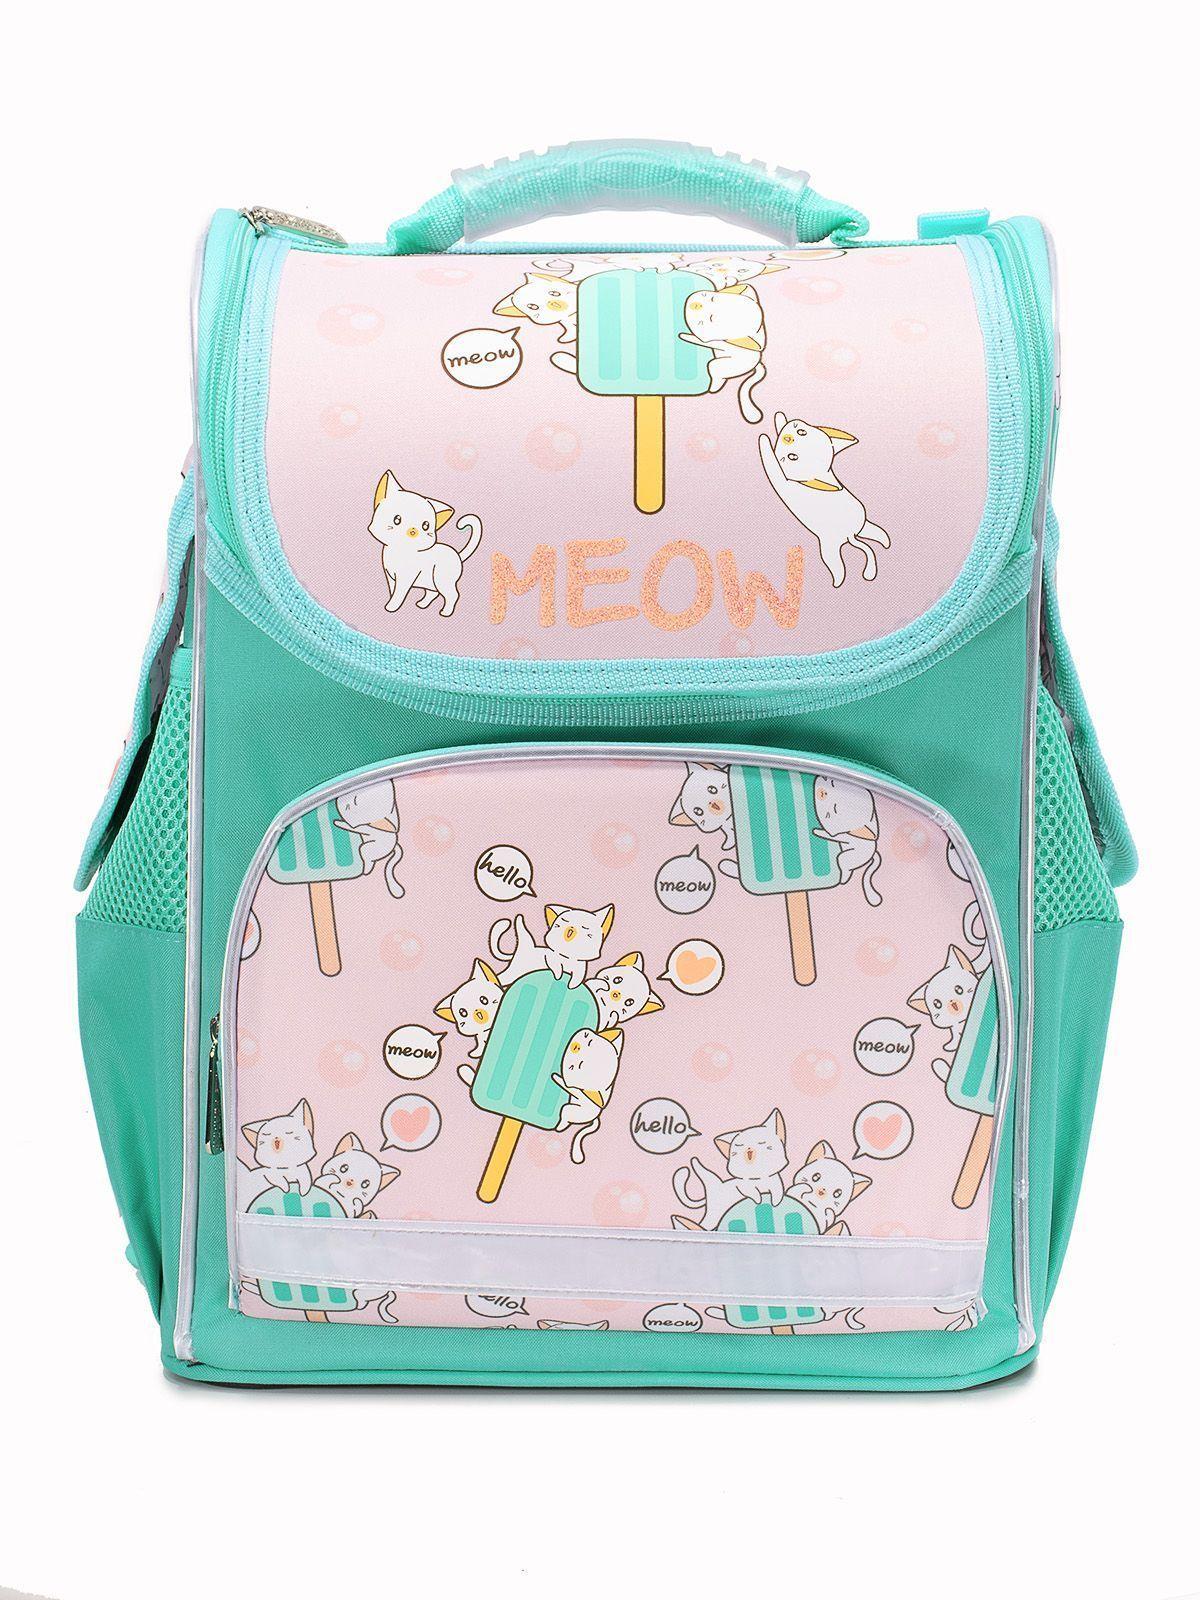 Рюкзак Schoolformat Kawaii cats, модель BASIC, жесткий каркас, односекционный, 38х28х16 см, 15 л, для девочек